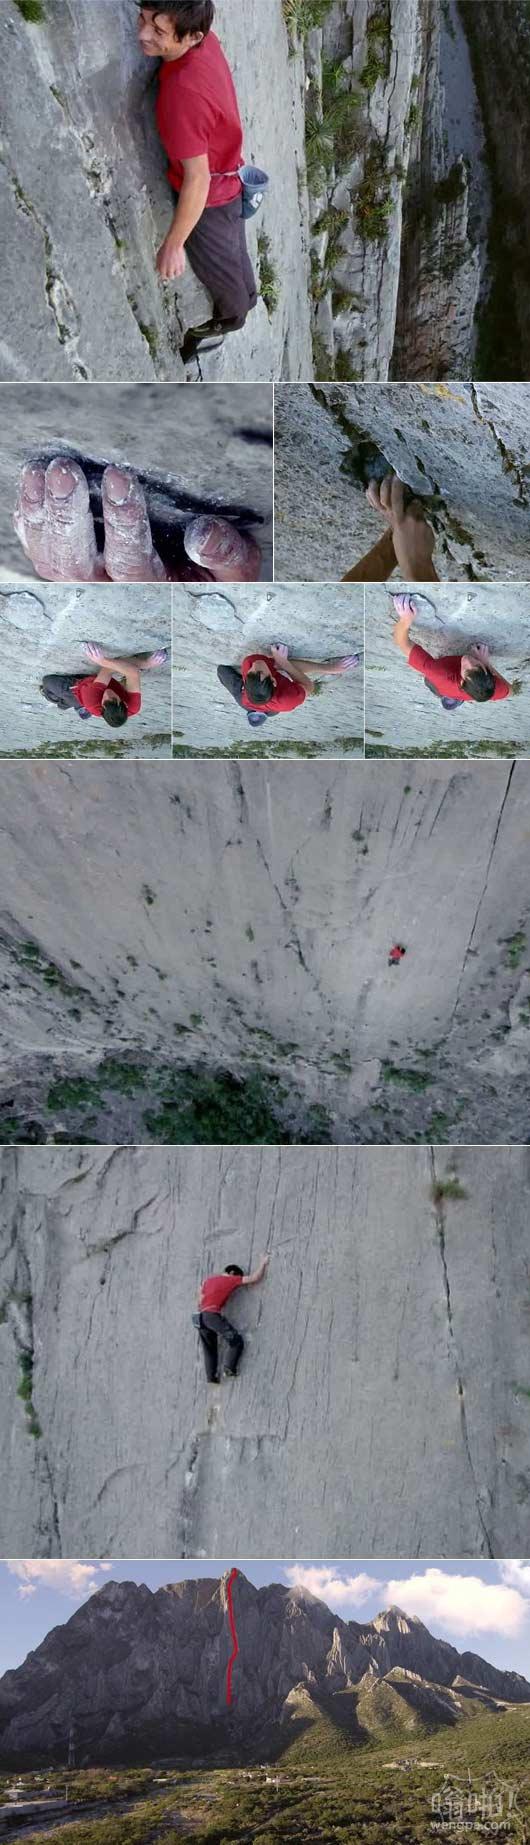 男子只用攀岩鞋和一袋粉笔灰尘徒手征服墨西哥2500英尺悬崖